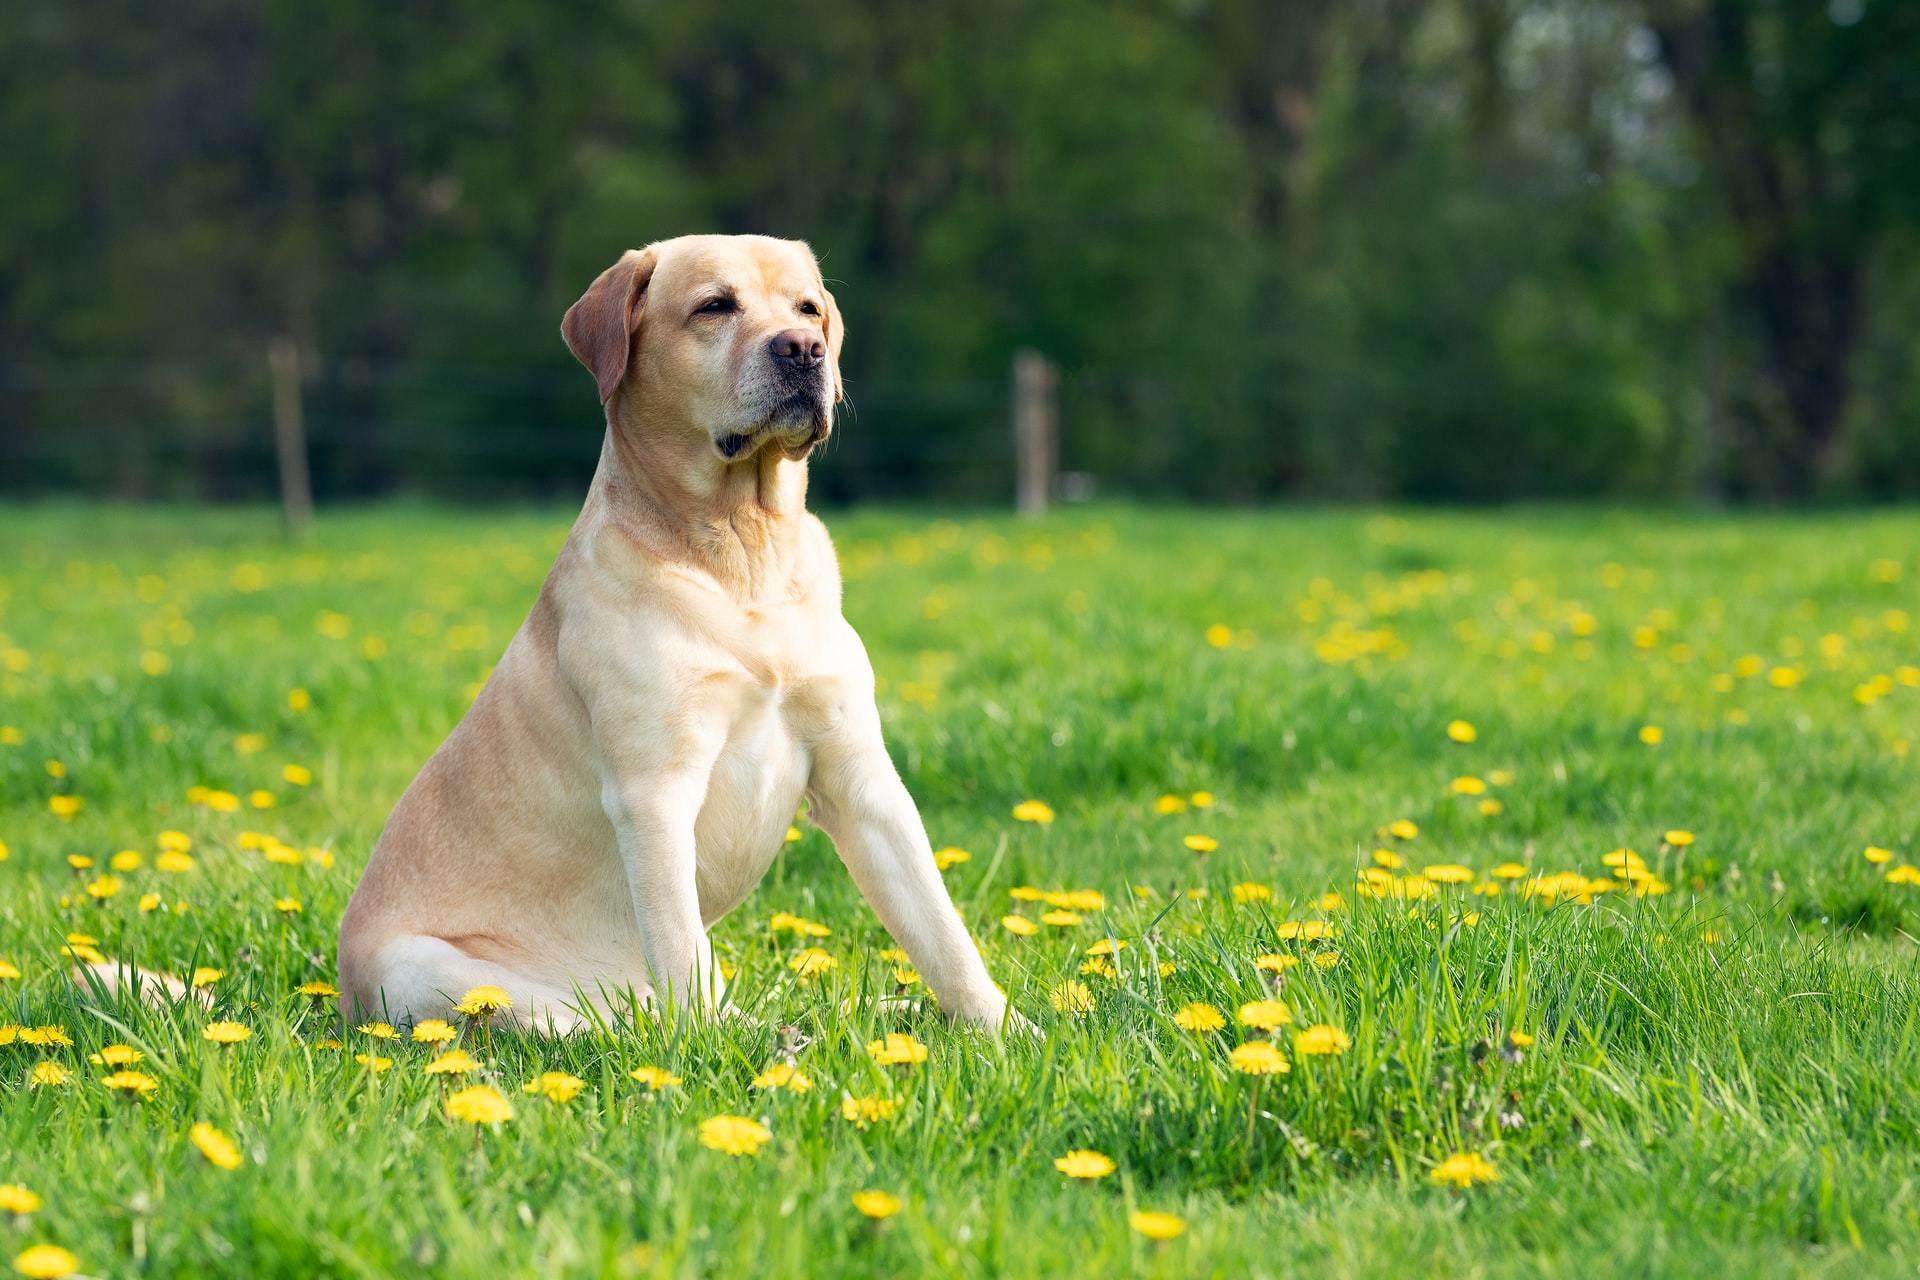 dog vomit causes